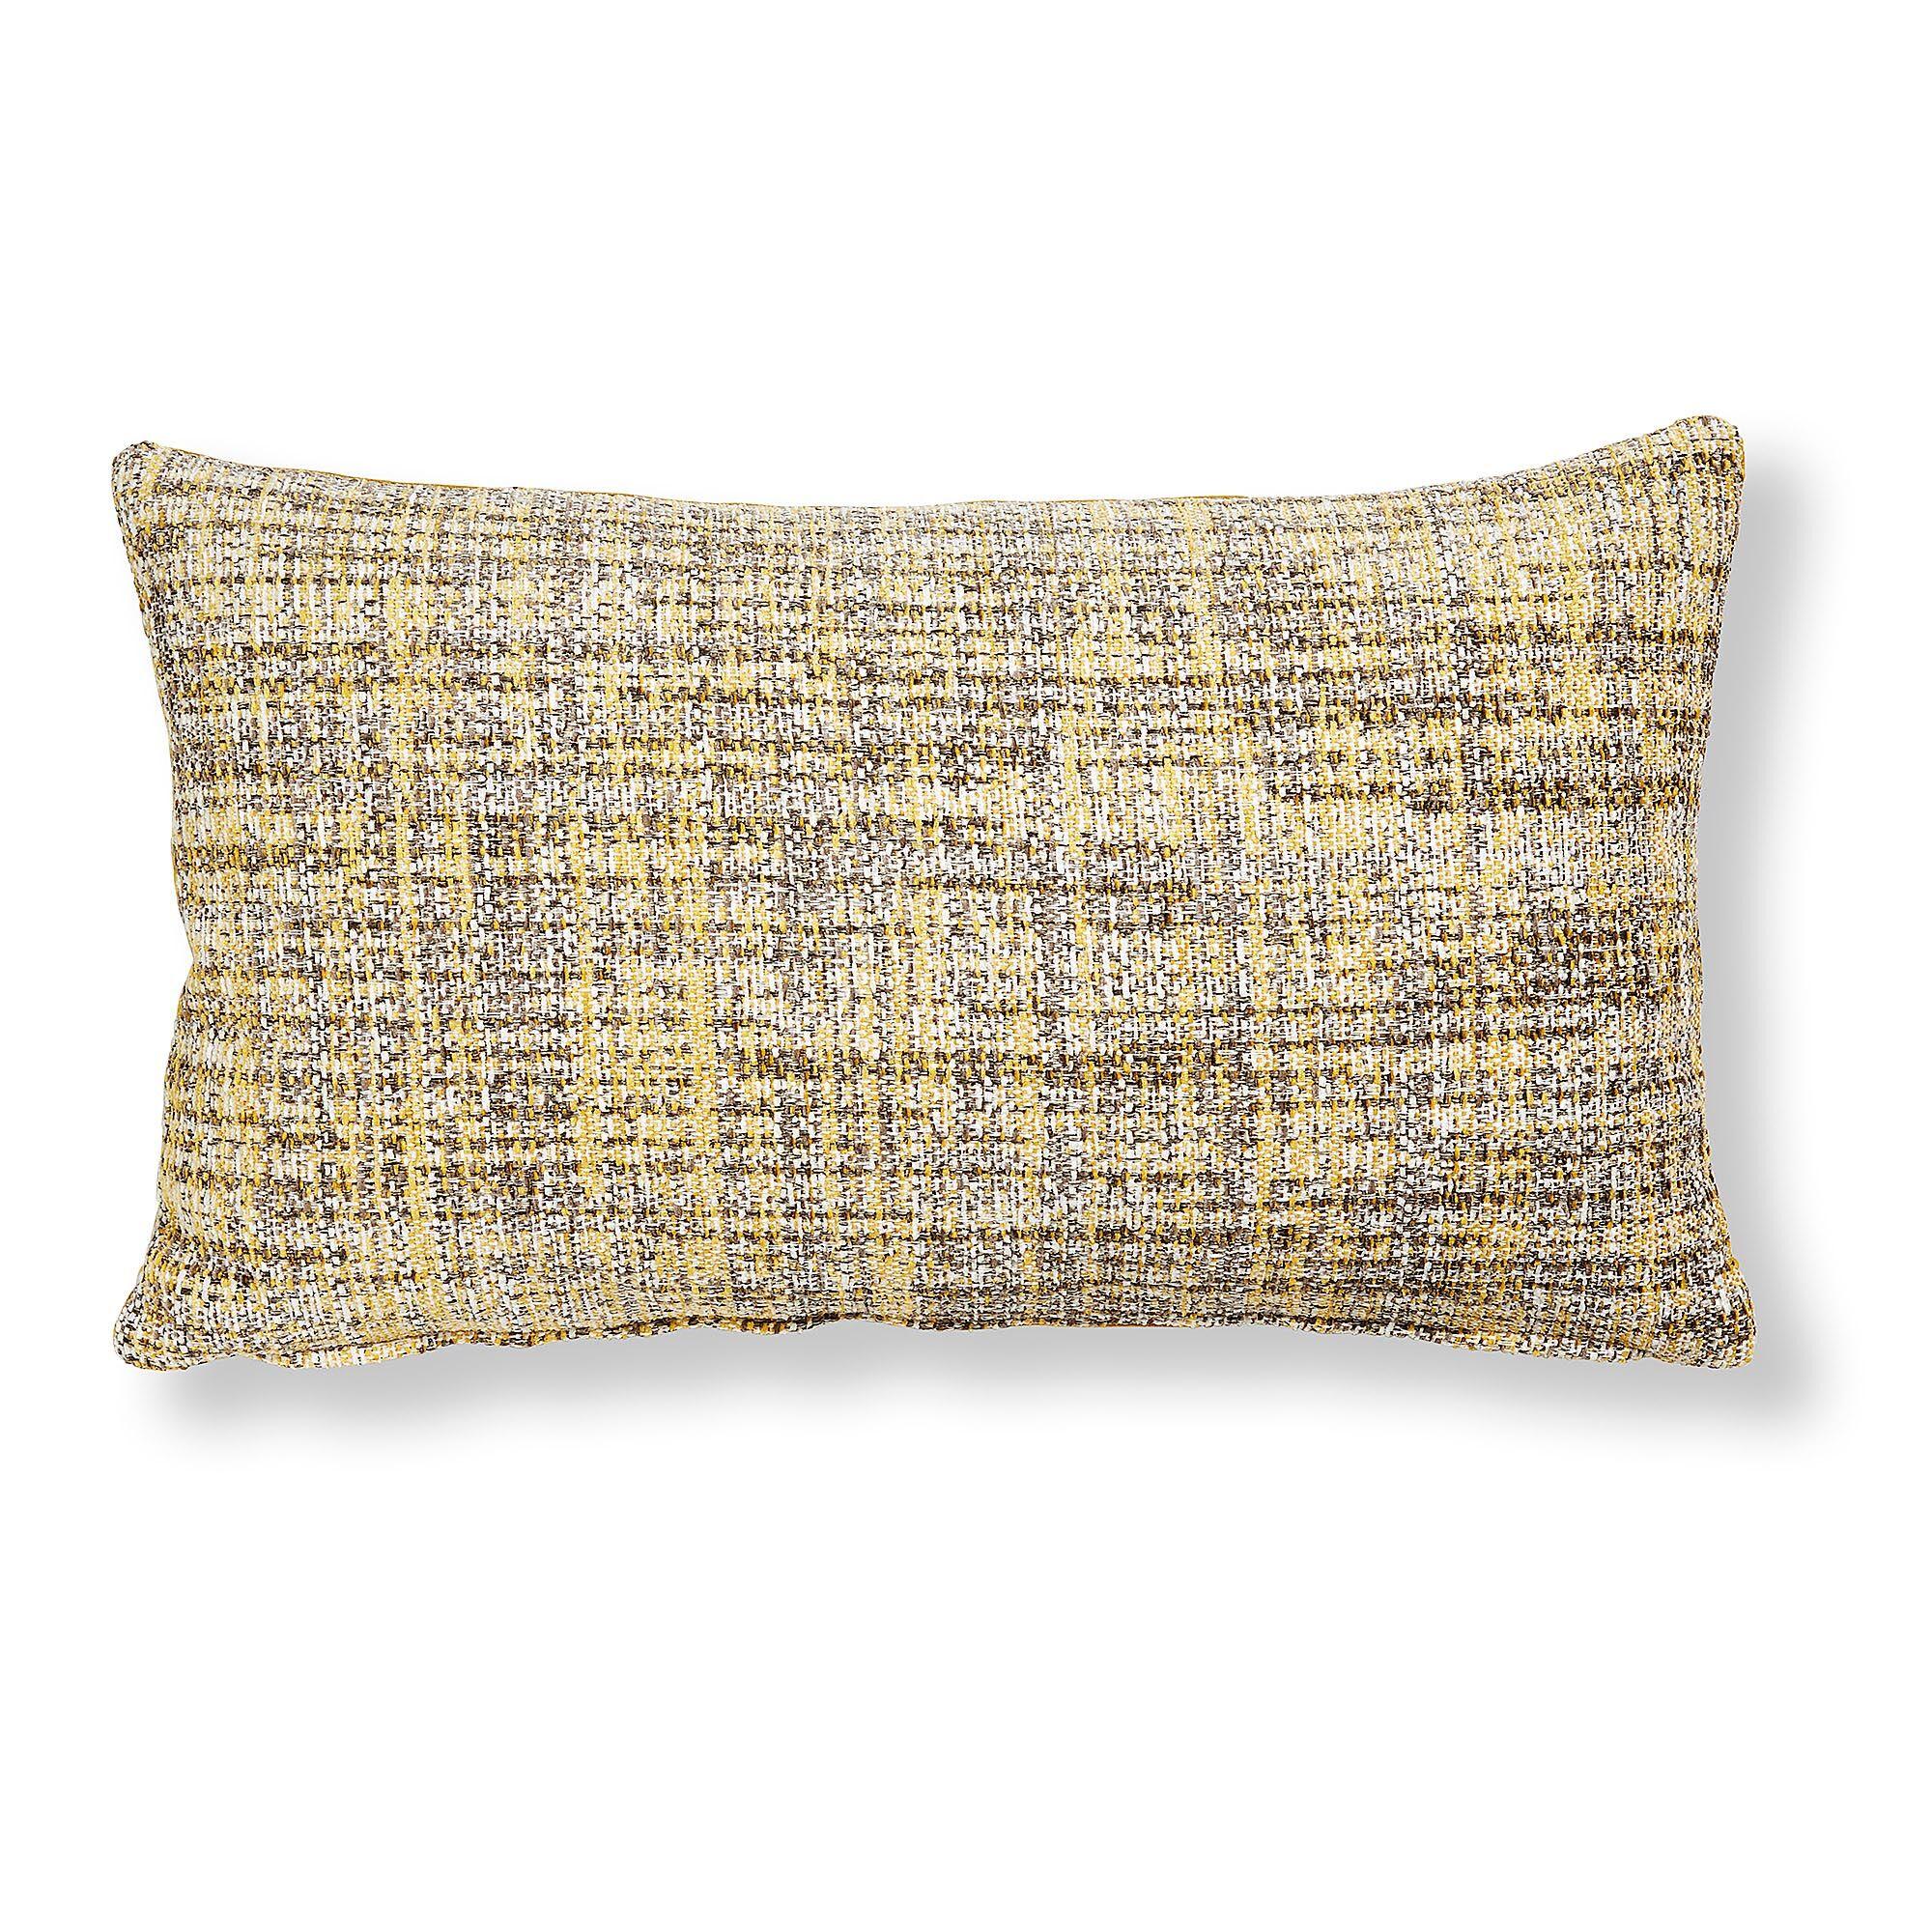 Kave Home Fodera cuscino Boho 30 x 50 cm senape